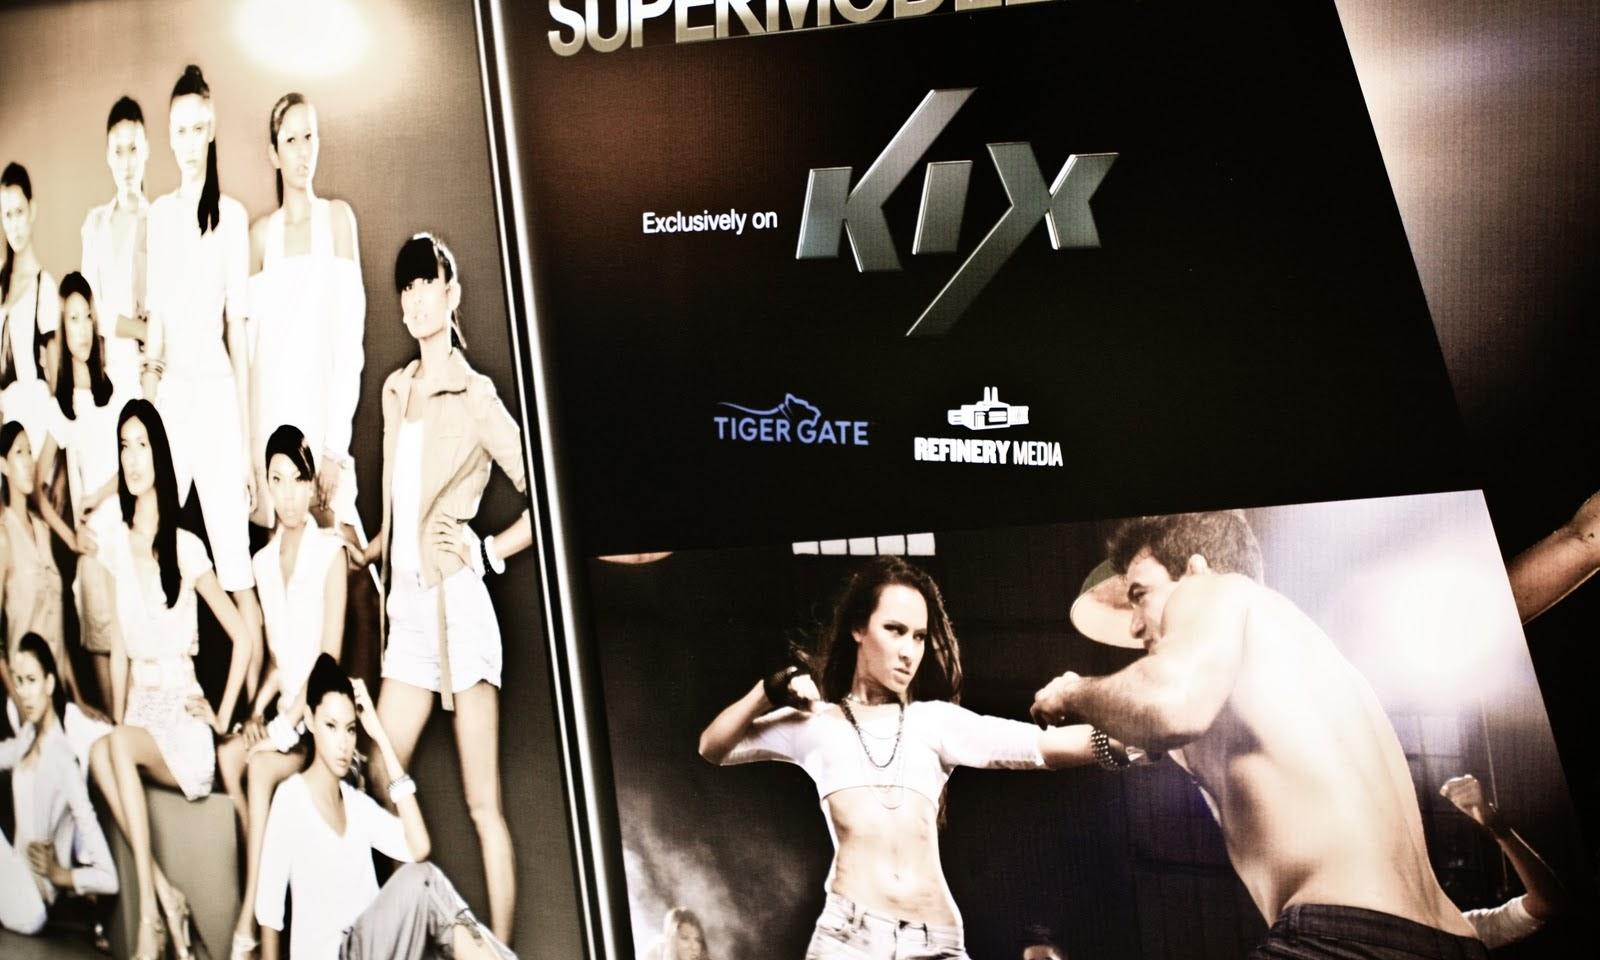 SupermodelMe season 2 premiere